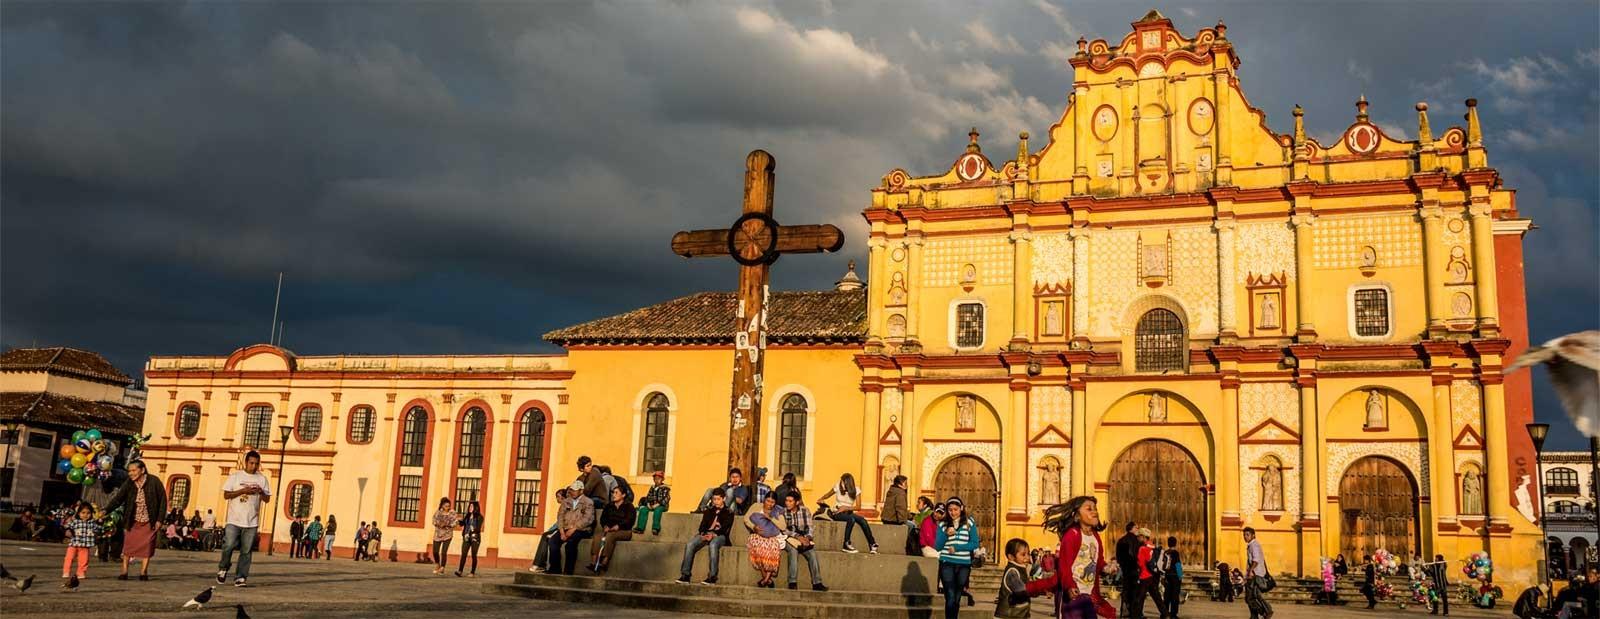 Foto panoramica de San Cristobal de las Casas